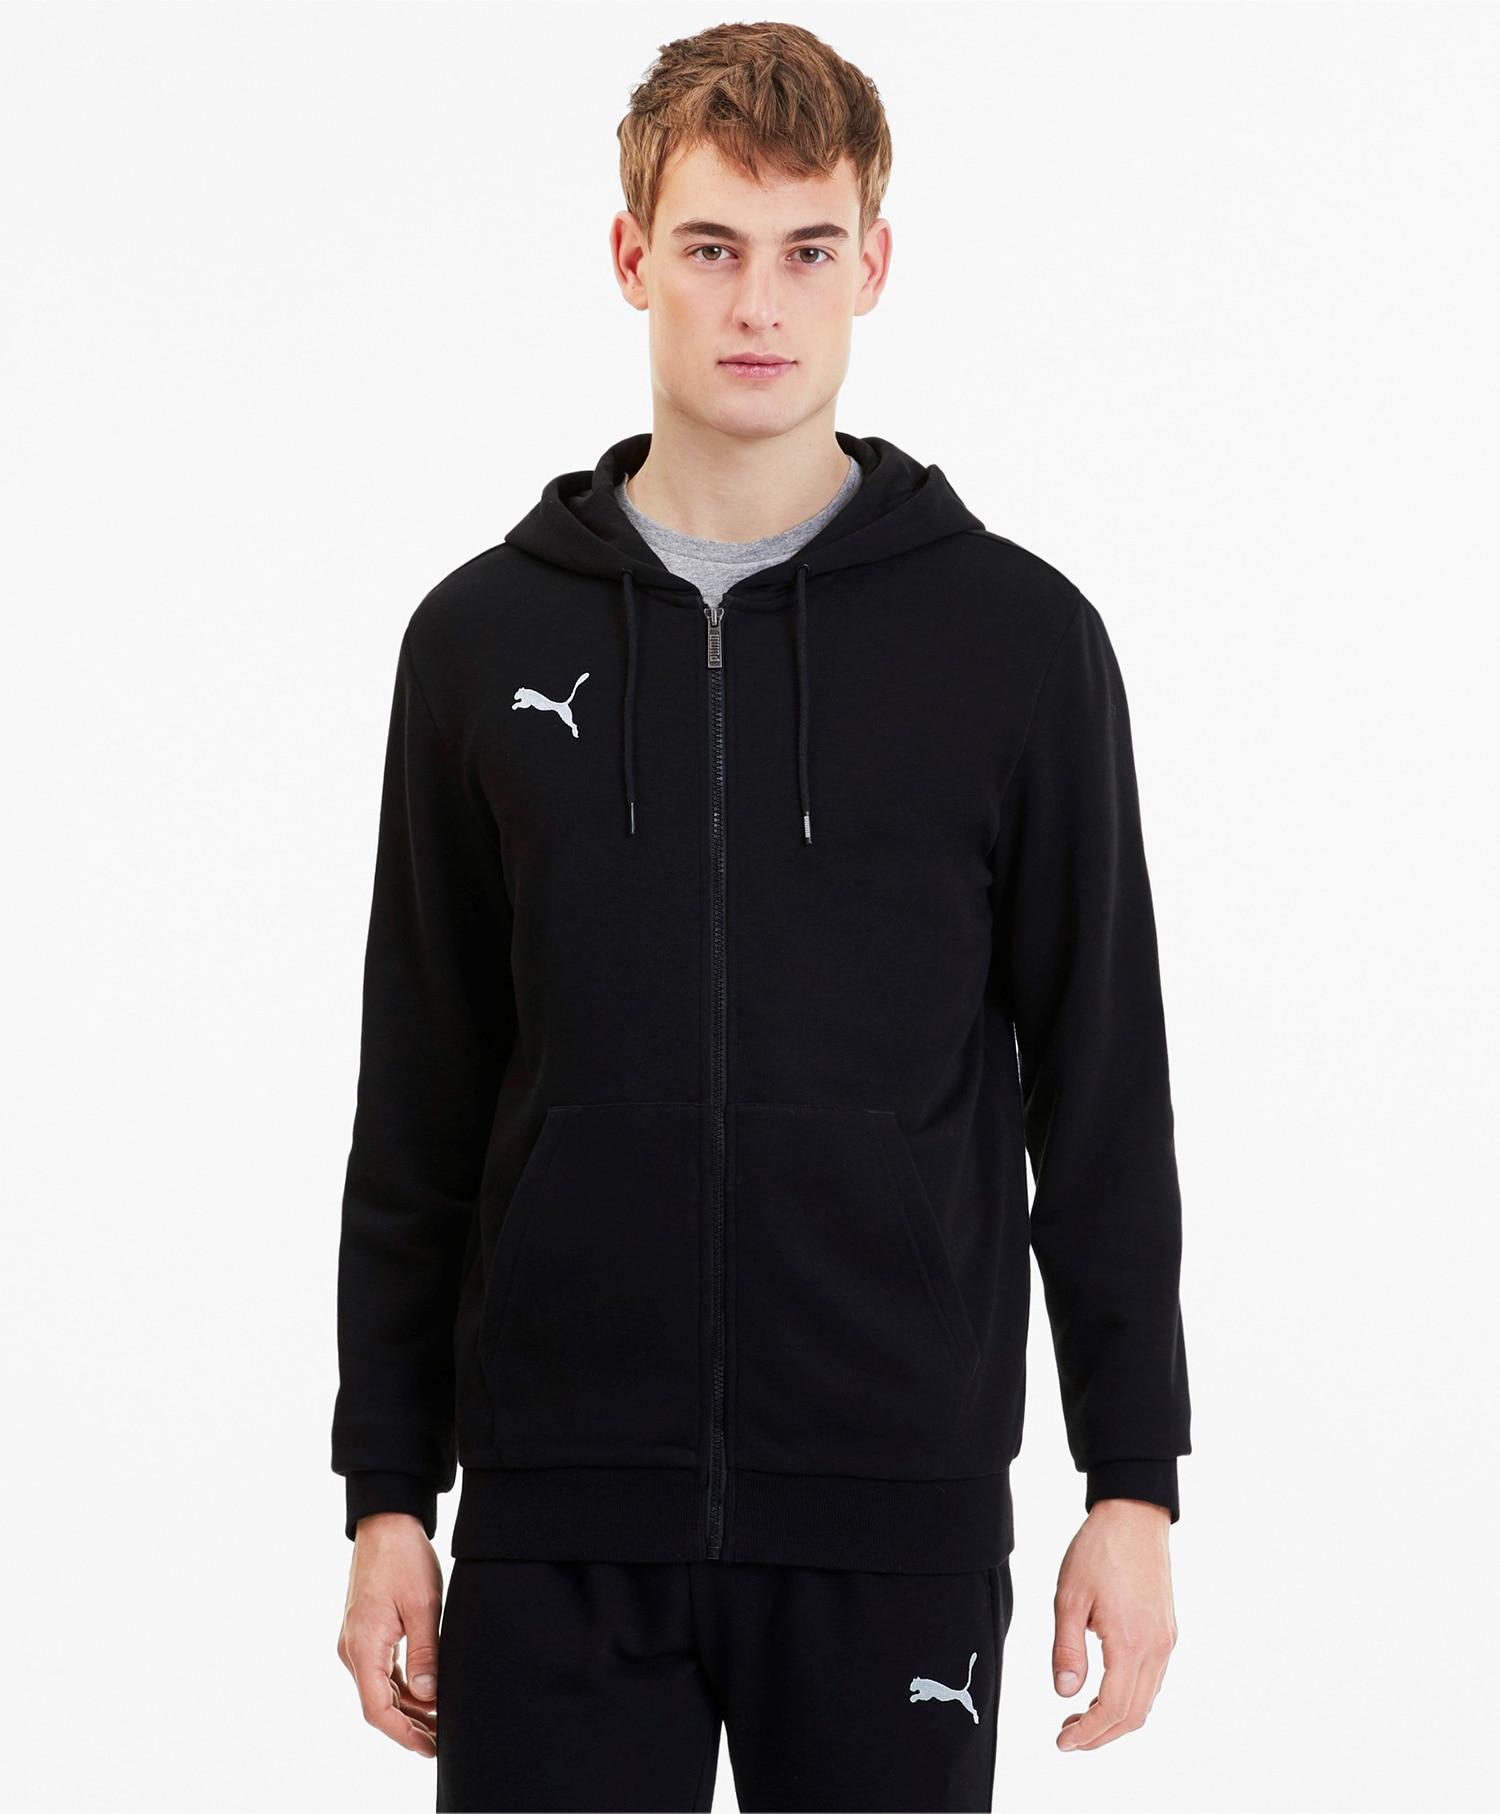 Puma Teamgoal Jacket